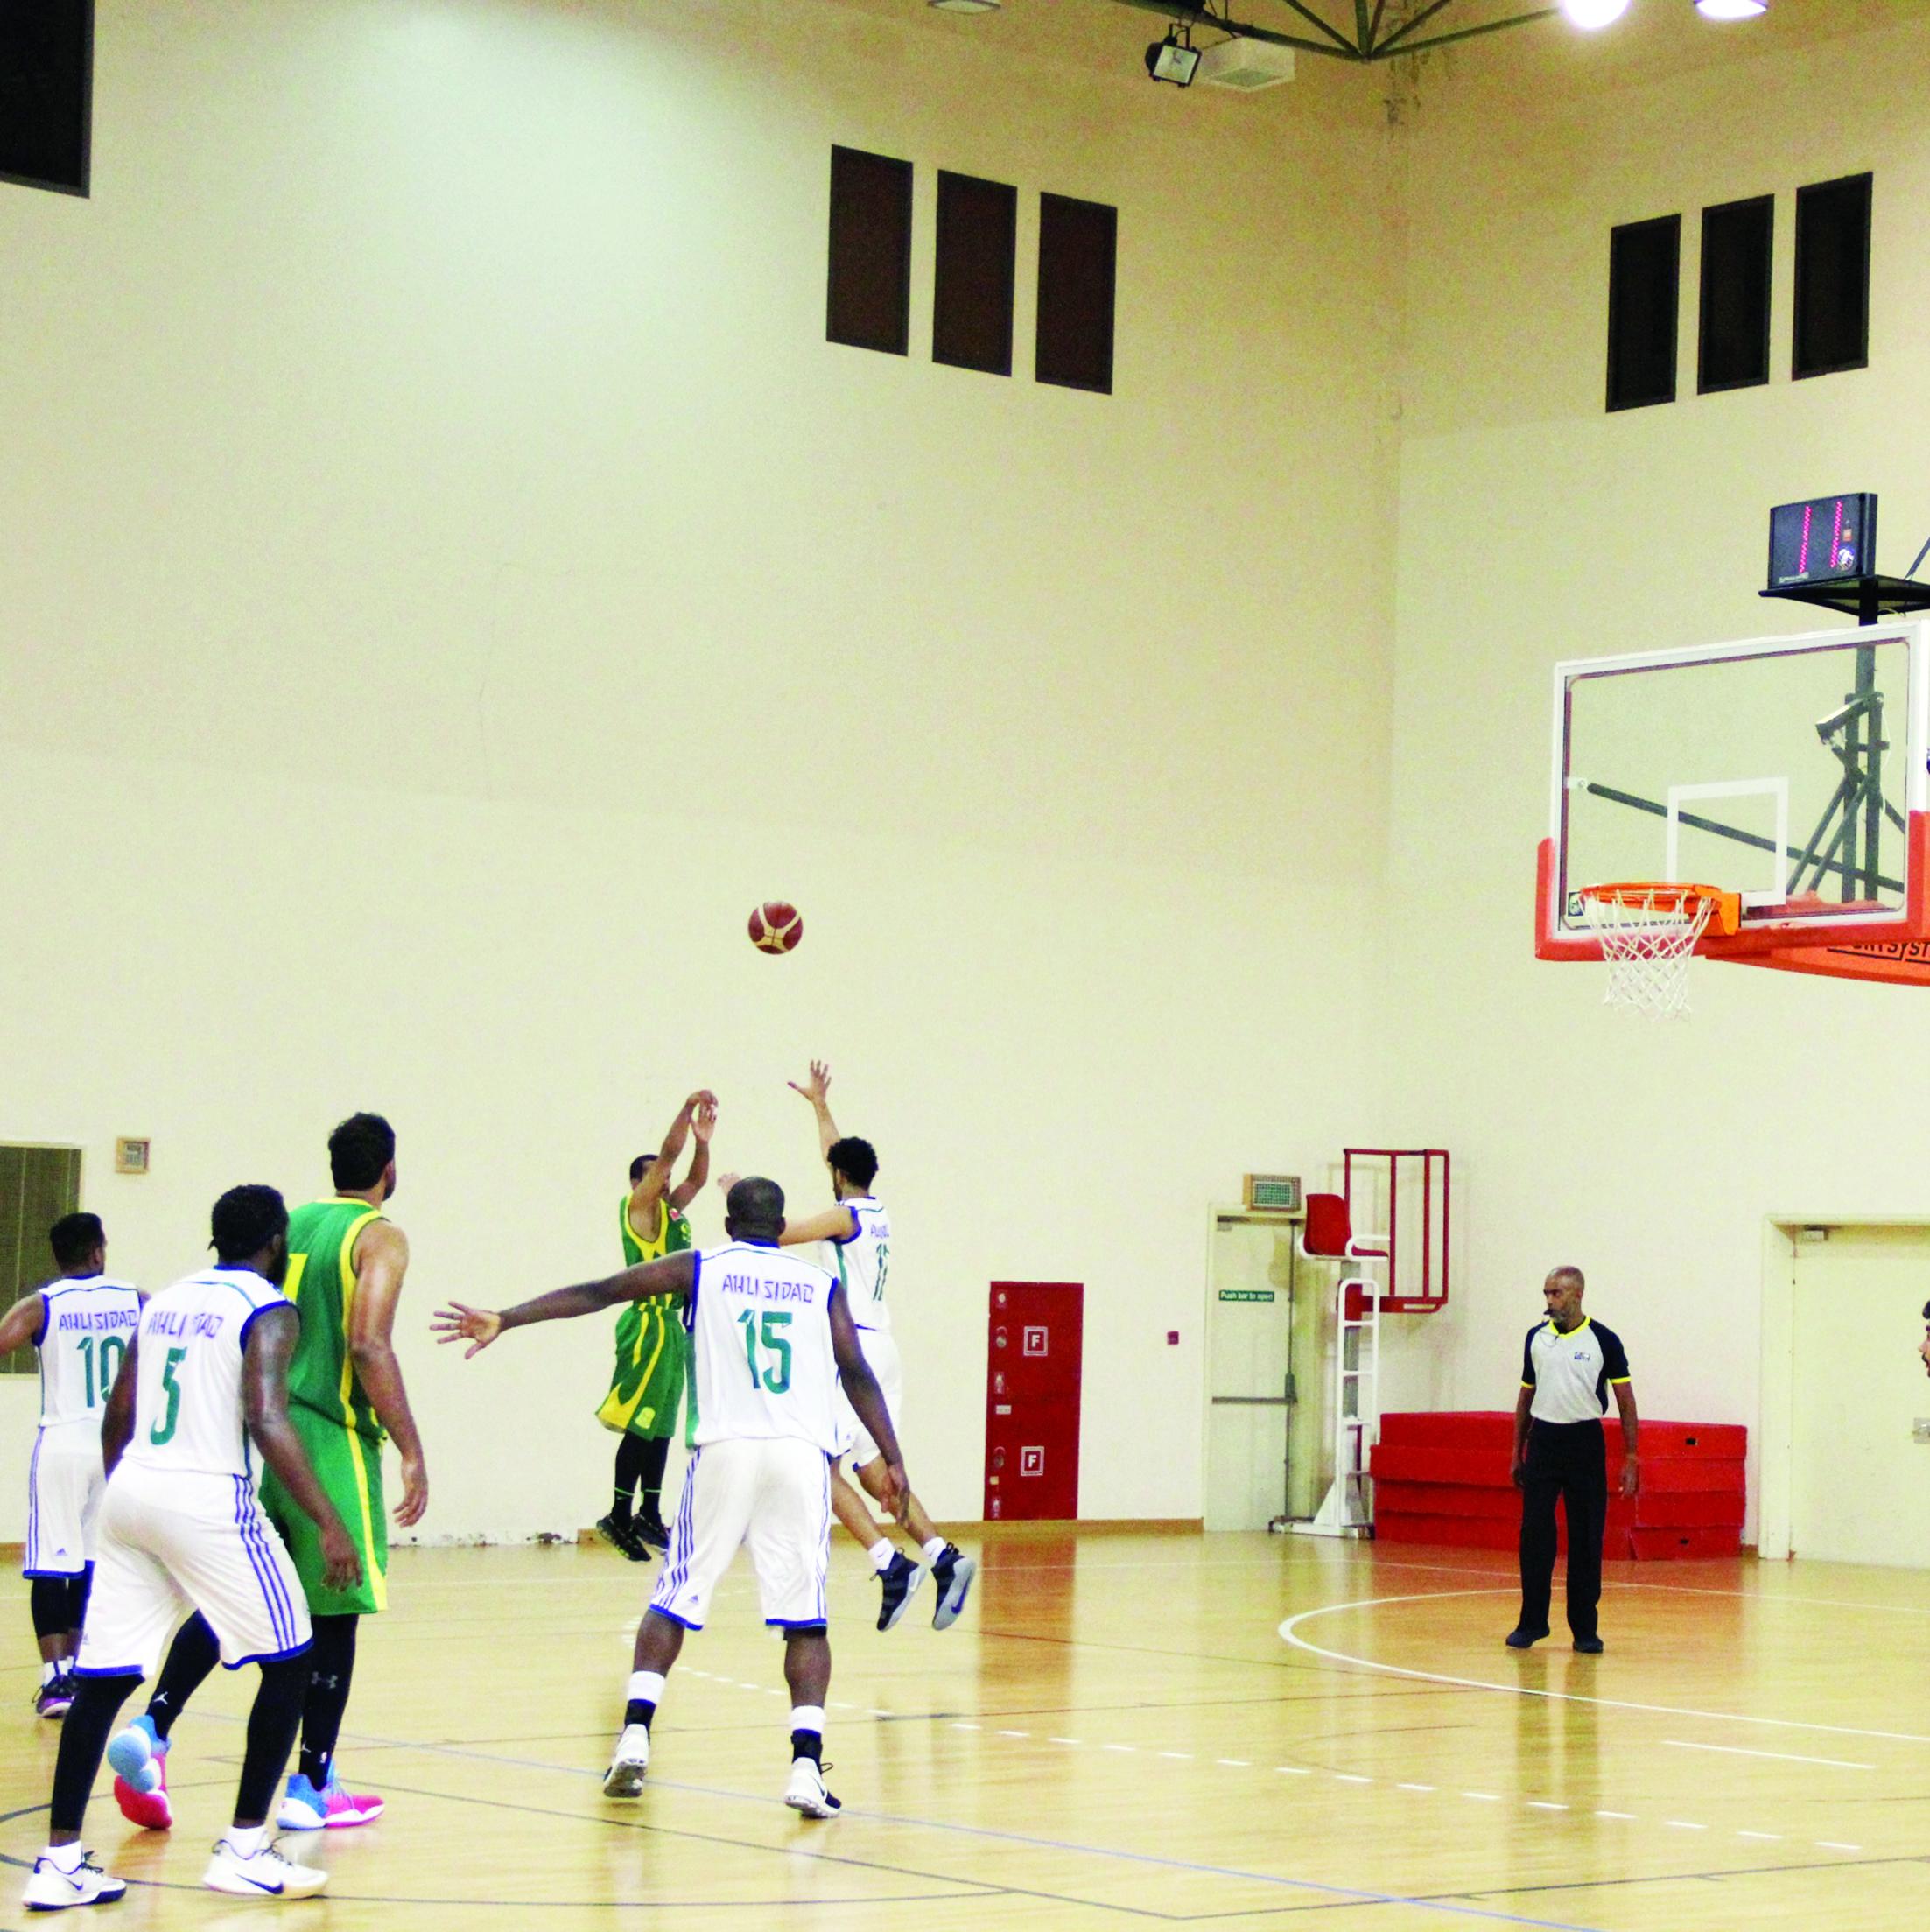 الجمعة.. افتتاح النسخة العاشرة من منافسات درع الشؤون الرياضية لكرة السلة